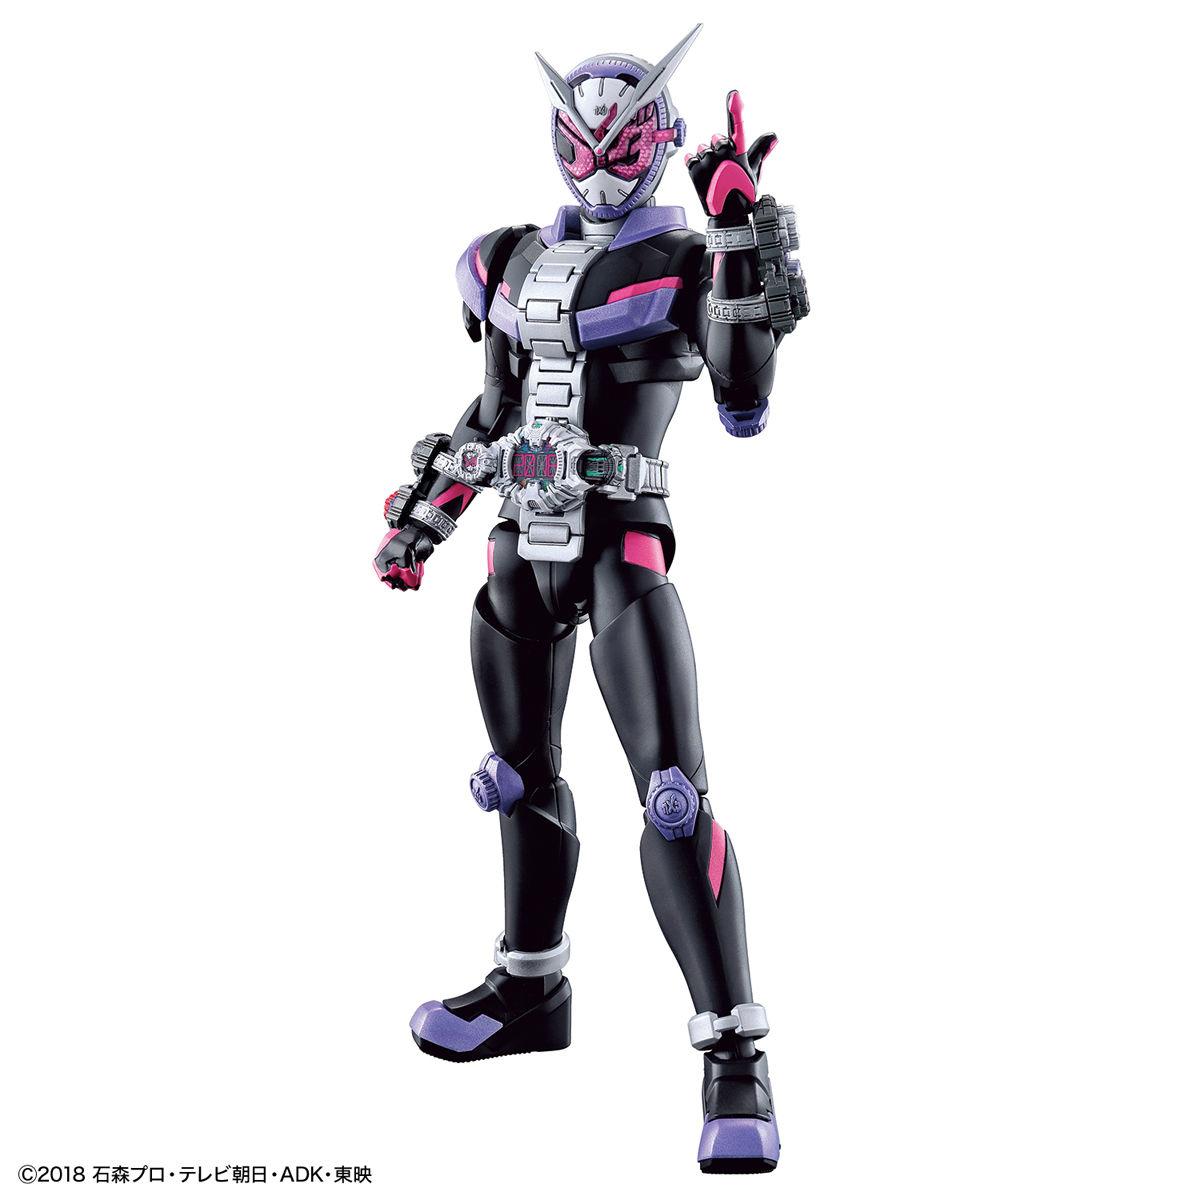 万代 Figure-rise Stand